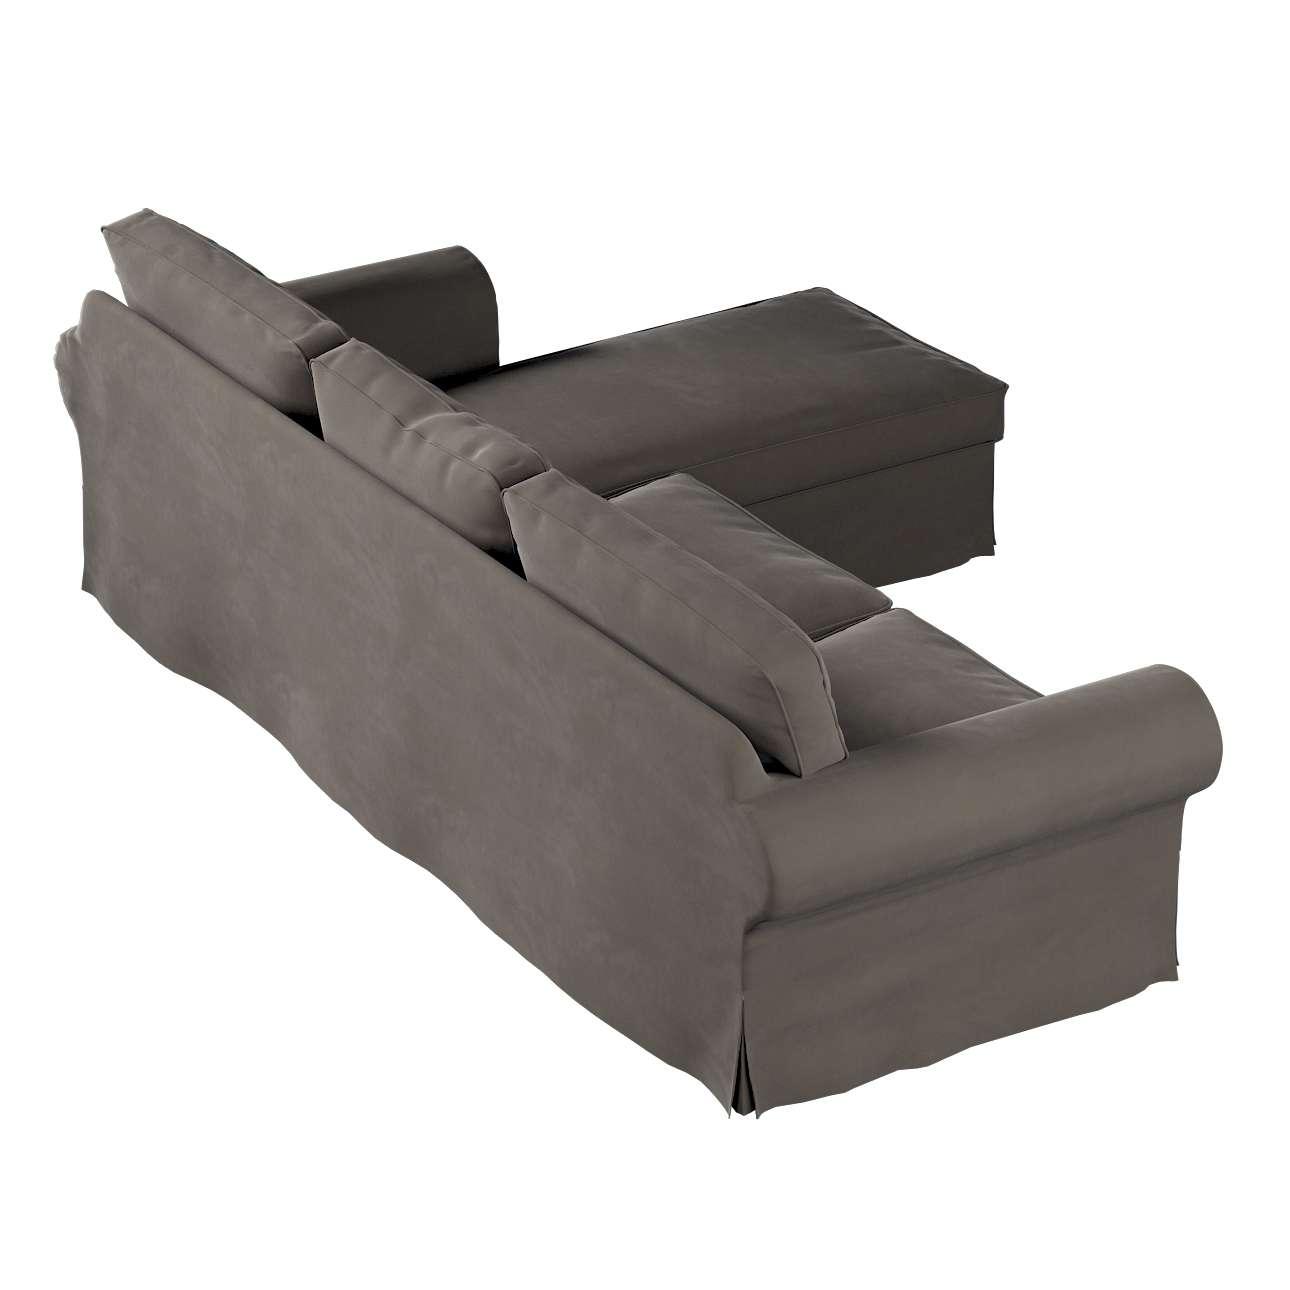 Pokrowiec na sofę Ektorp 2-osobową i leżankę w kolekcji Velvet, tkanina: 704-19